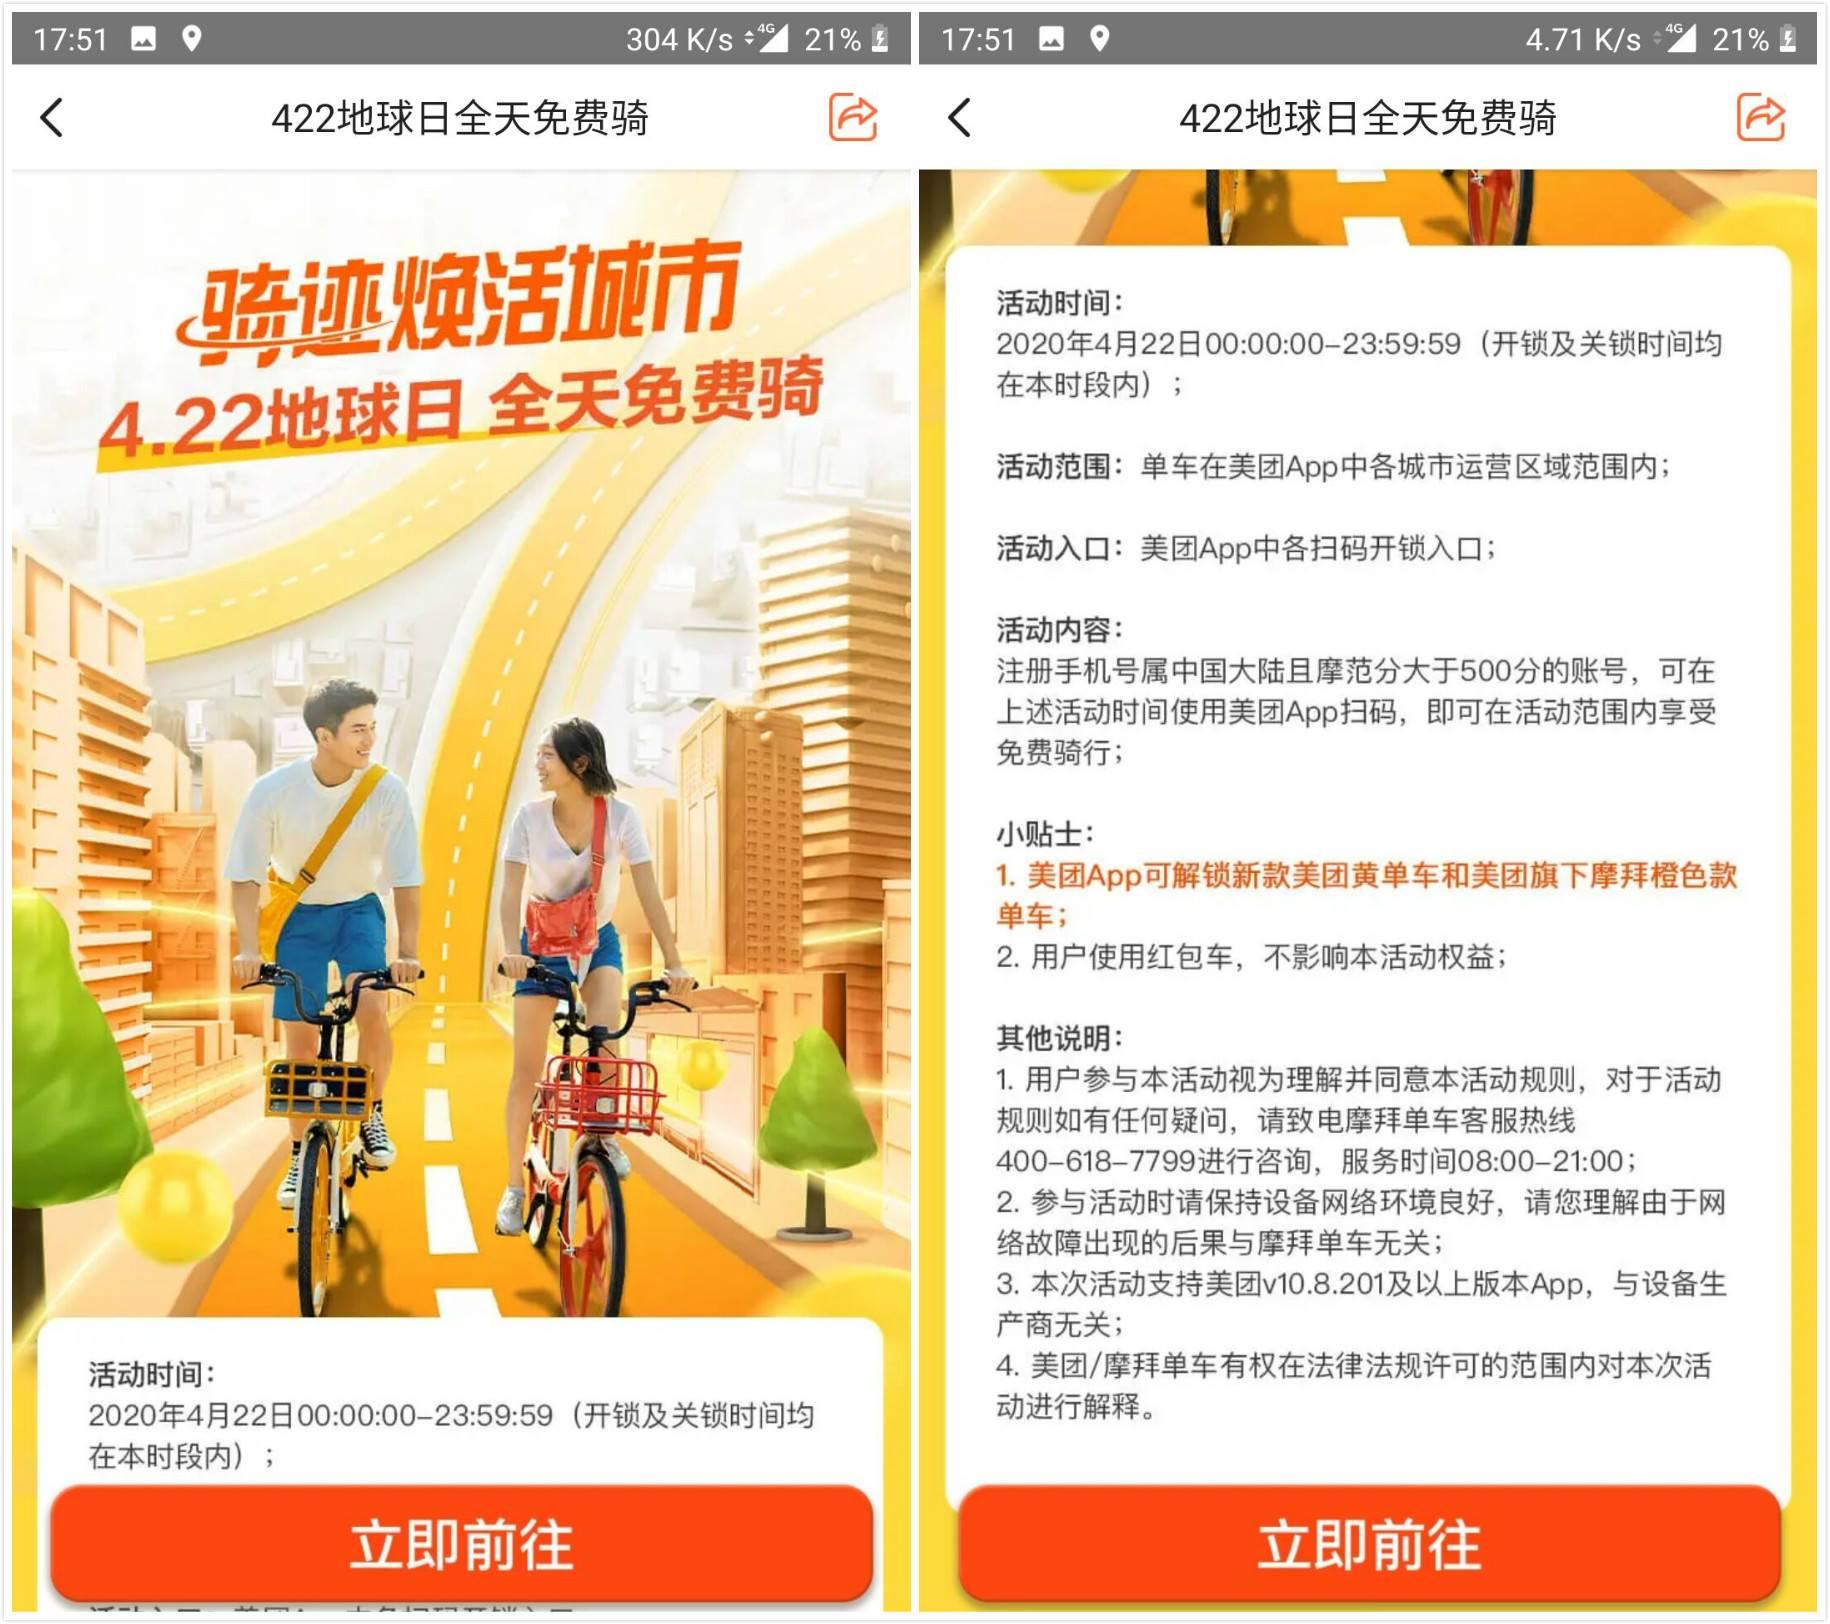 明天免费骑行美团摩拜单车